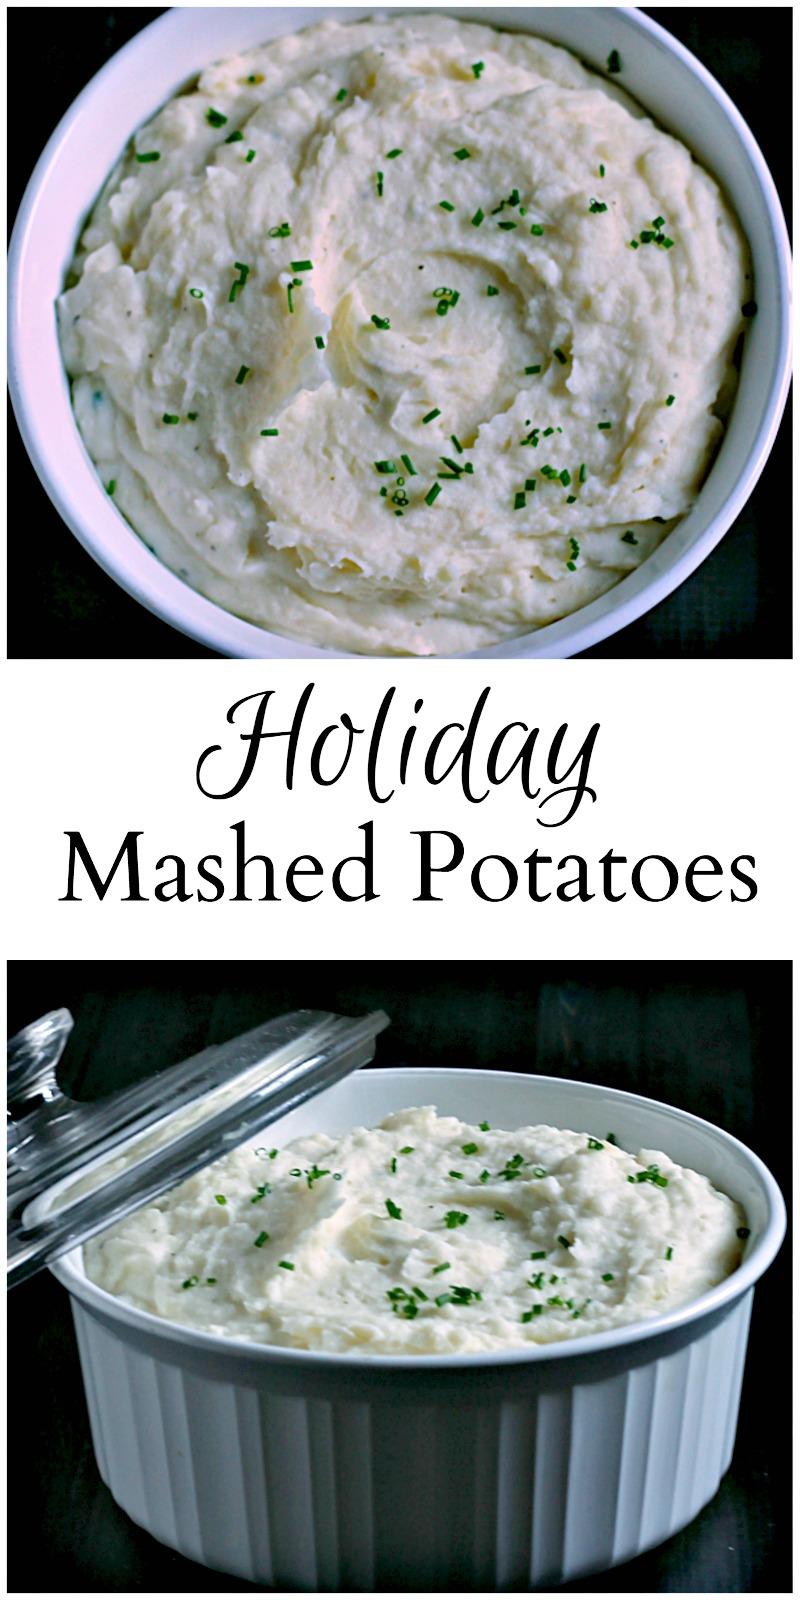 Holiday mashed potato collage